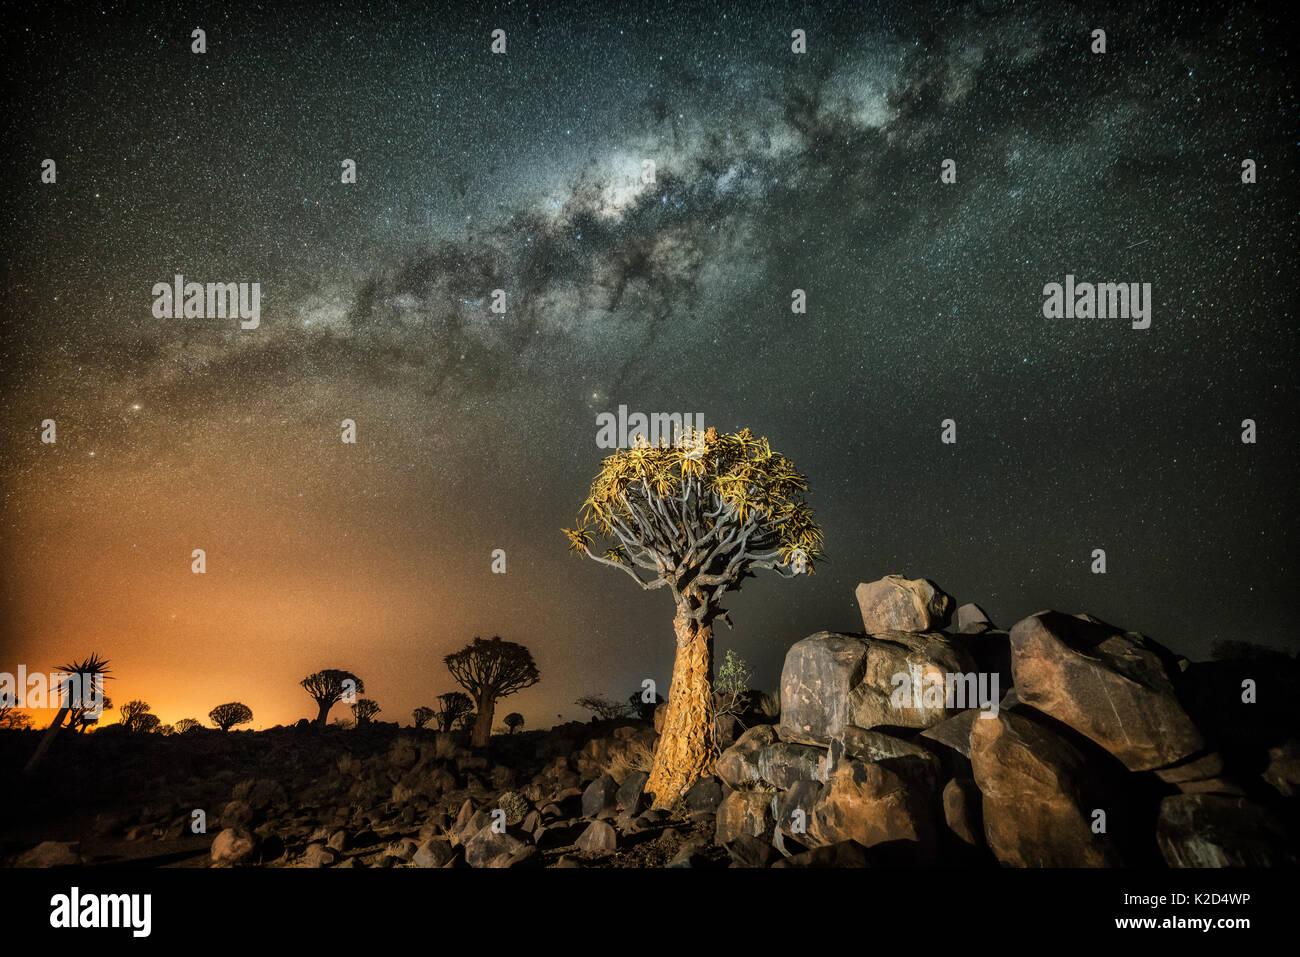 El carcaj tree (Aloe dichotoma) con la Vía Láctea en la noche, y la contaminación lumínica de la ciudad en la distancia, Keetmanshoop, Namibia. Colores acentuada digitalmente. Foto de stock